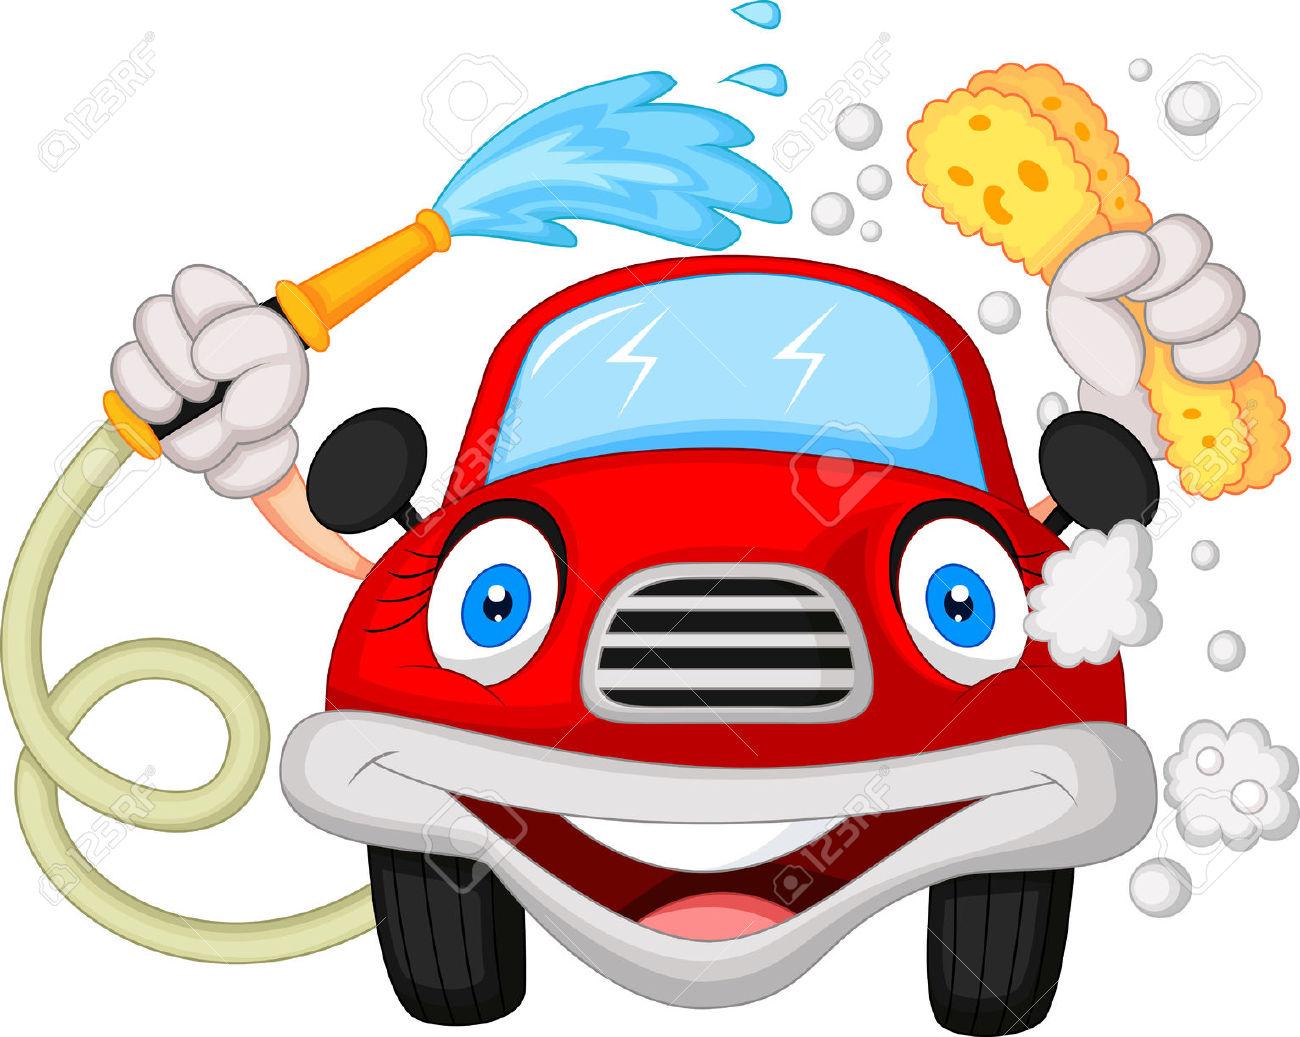 Hand Wash Car Wash >> hand wash car clipart - Clipground